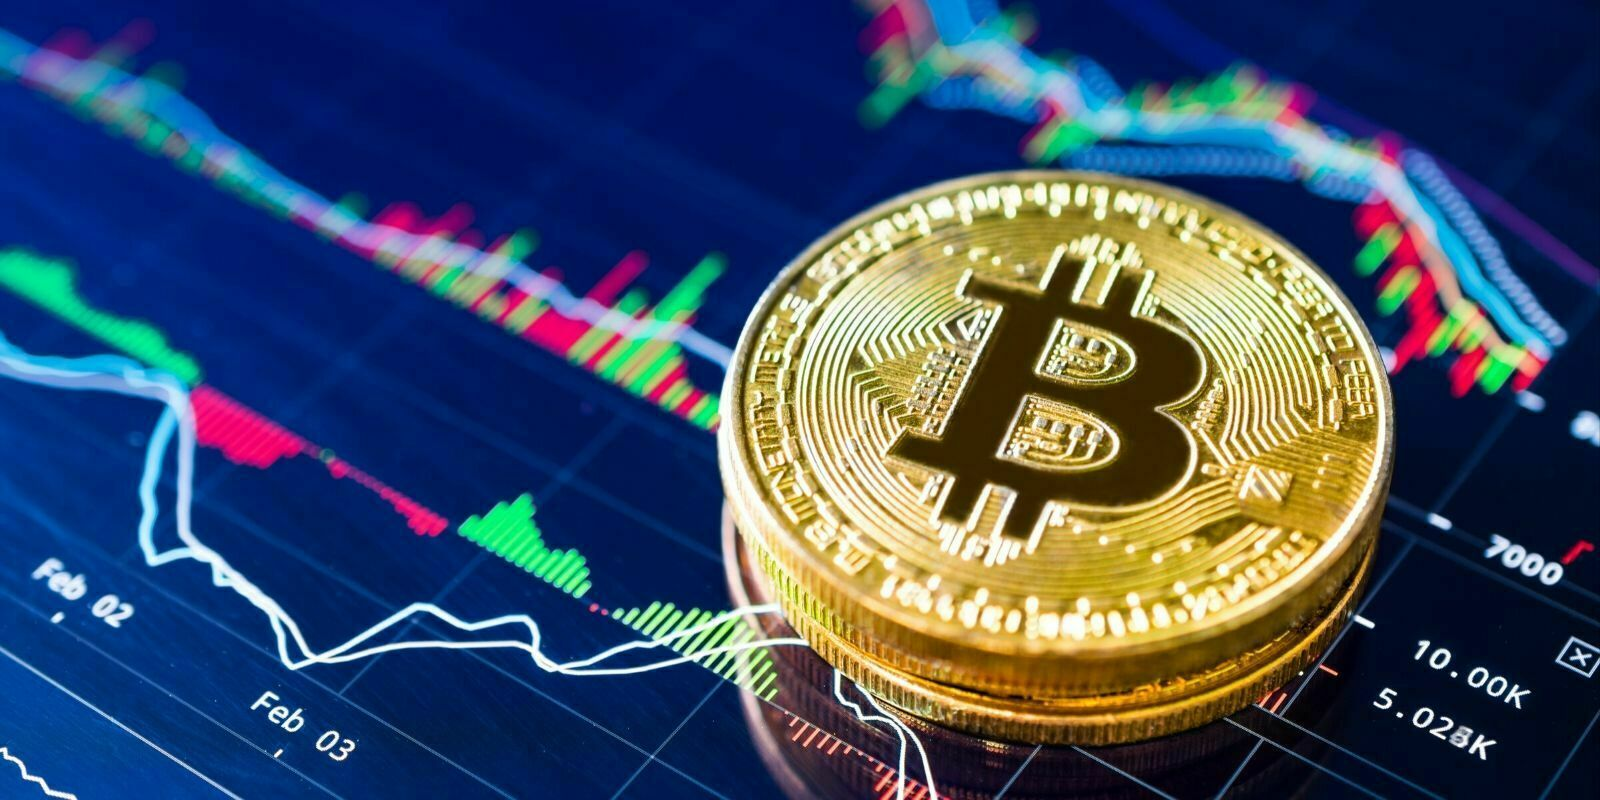 Le Bitcoin attaque de nouveau sa résistance supérieure